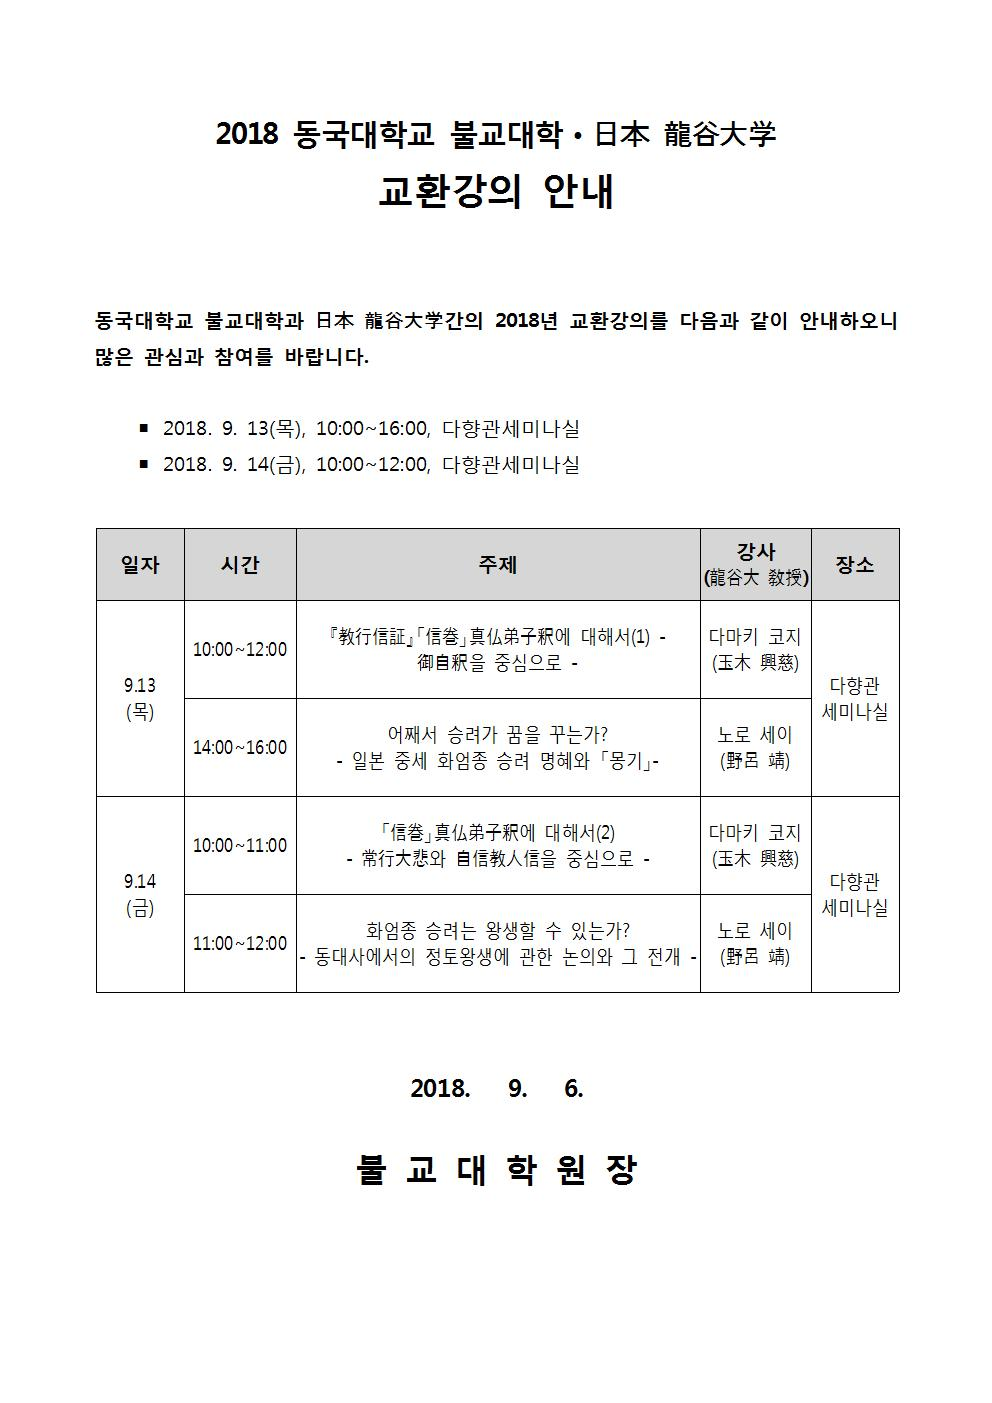 2018_용곡대교환강의계획 공고문(홈페이지)001